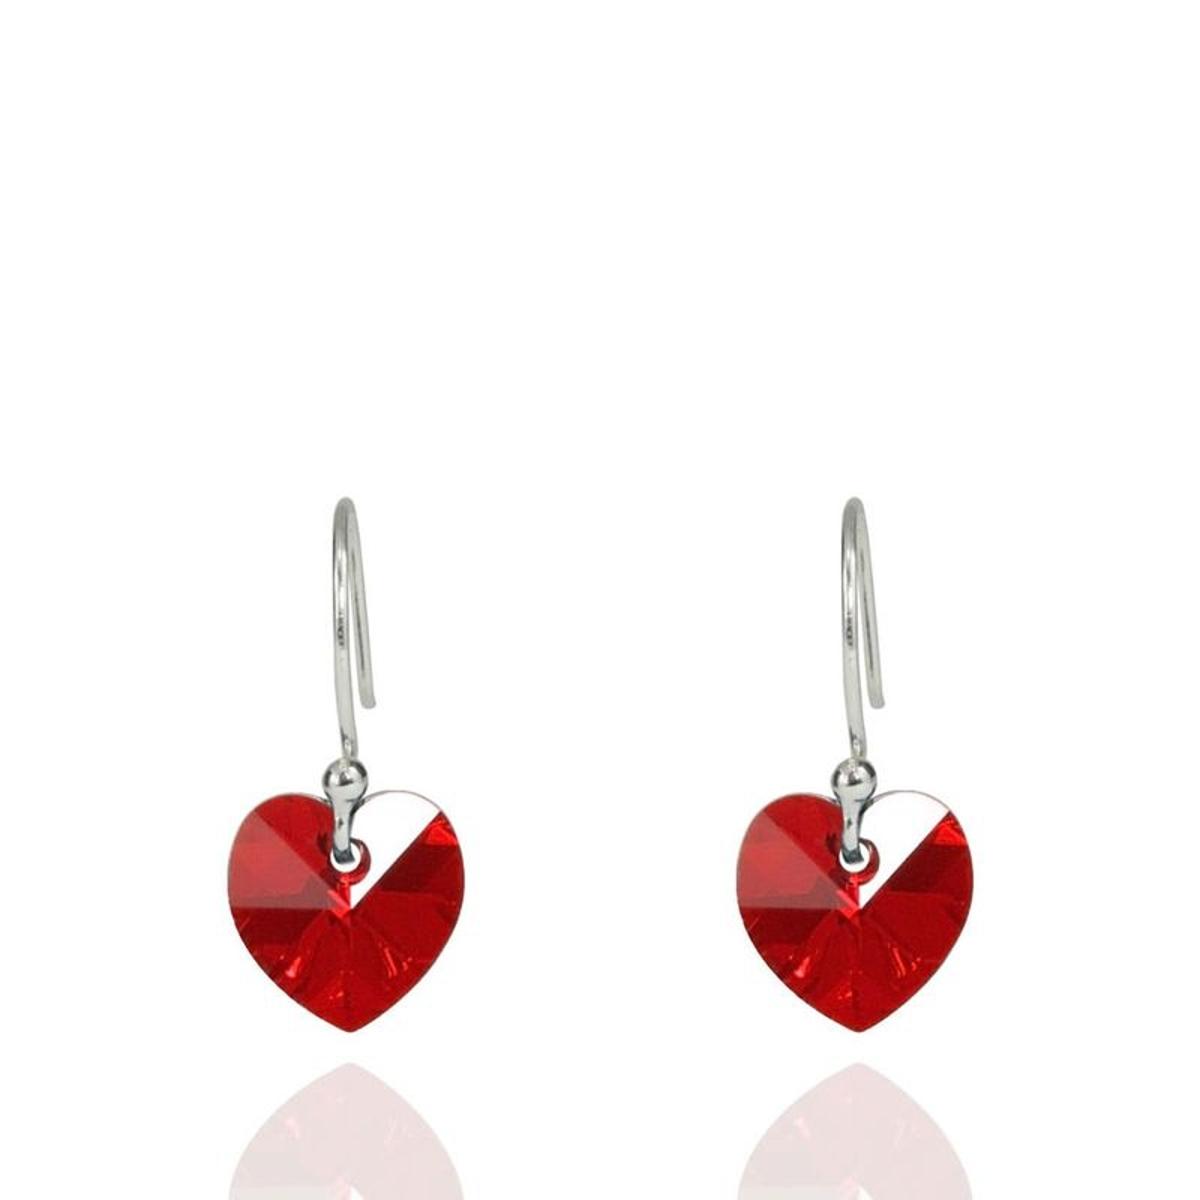 Boucles d'oreilles cristal et argent 925 COEUR ROMANCE made in France